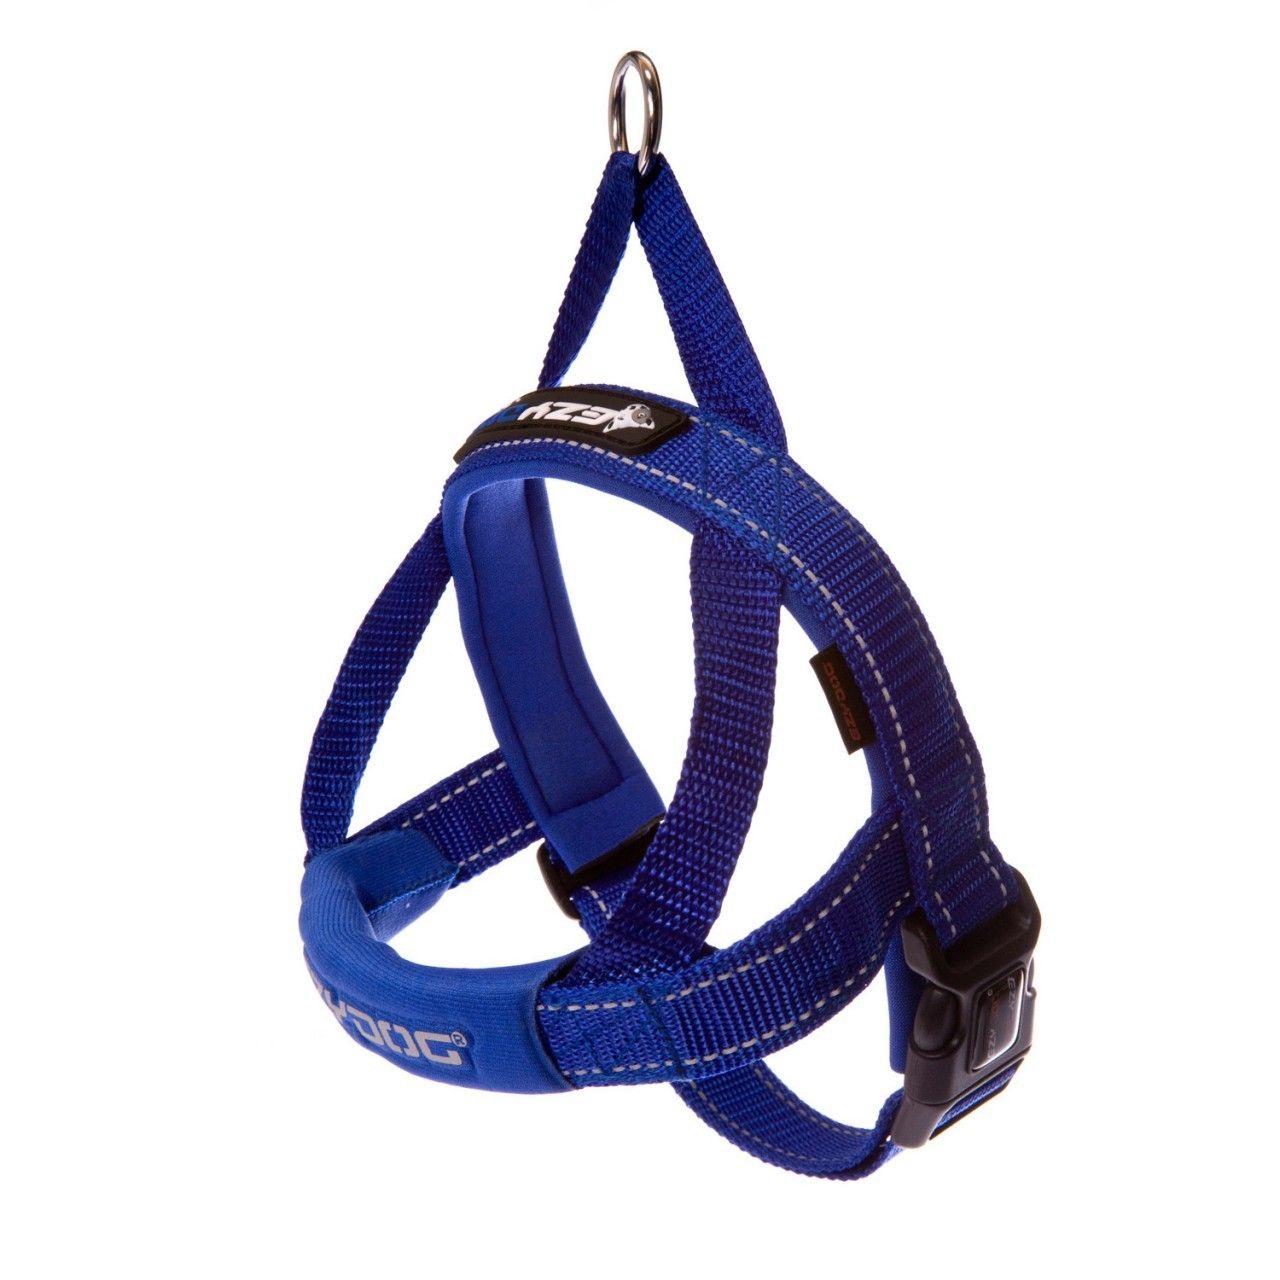 Ezydog Quickfit Harness 22 00 Http Store Ezydog Com